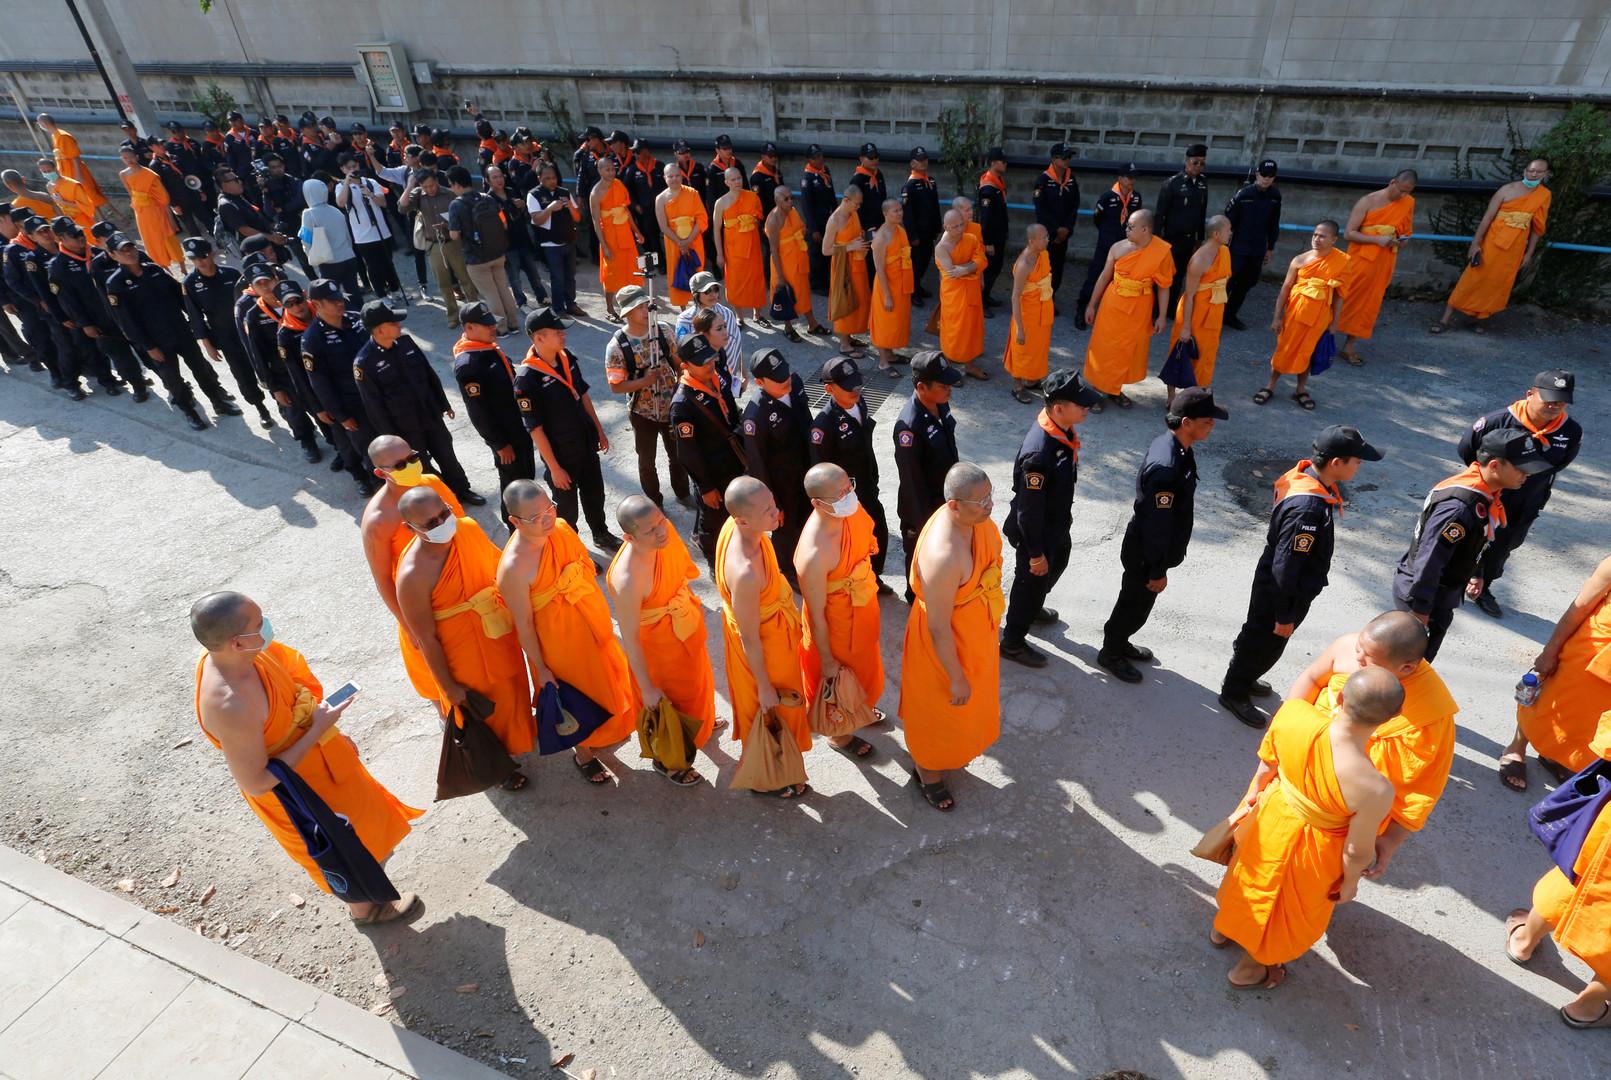 Tausende von Polizisten durchsuchten das Tempelgelände zwei Tage lang und versuchten, den Abt der Bewegung Phra Dhammachayo  zu verhaften.